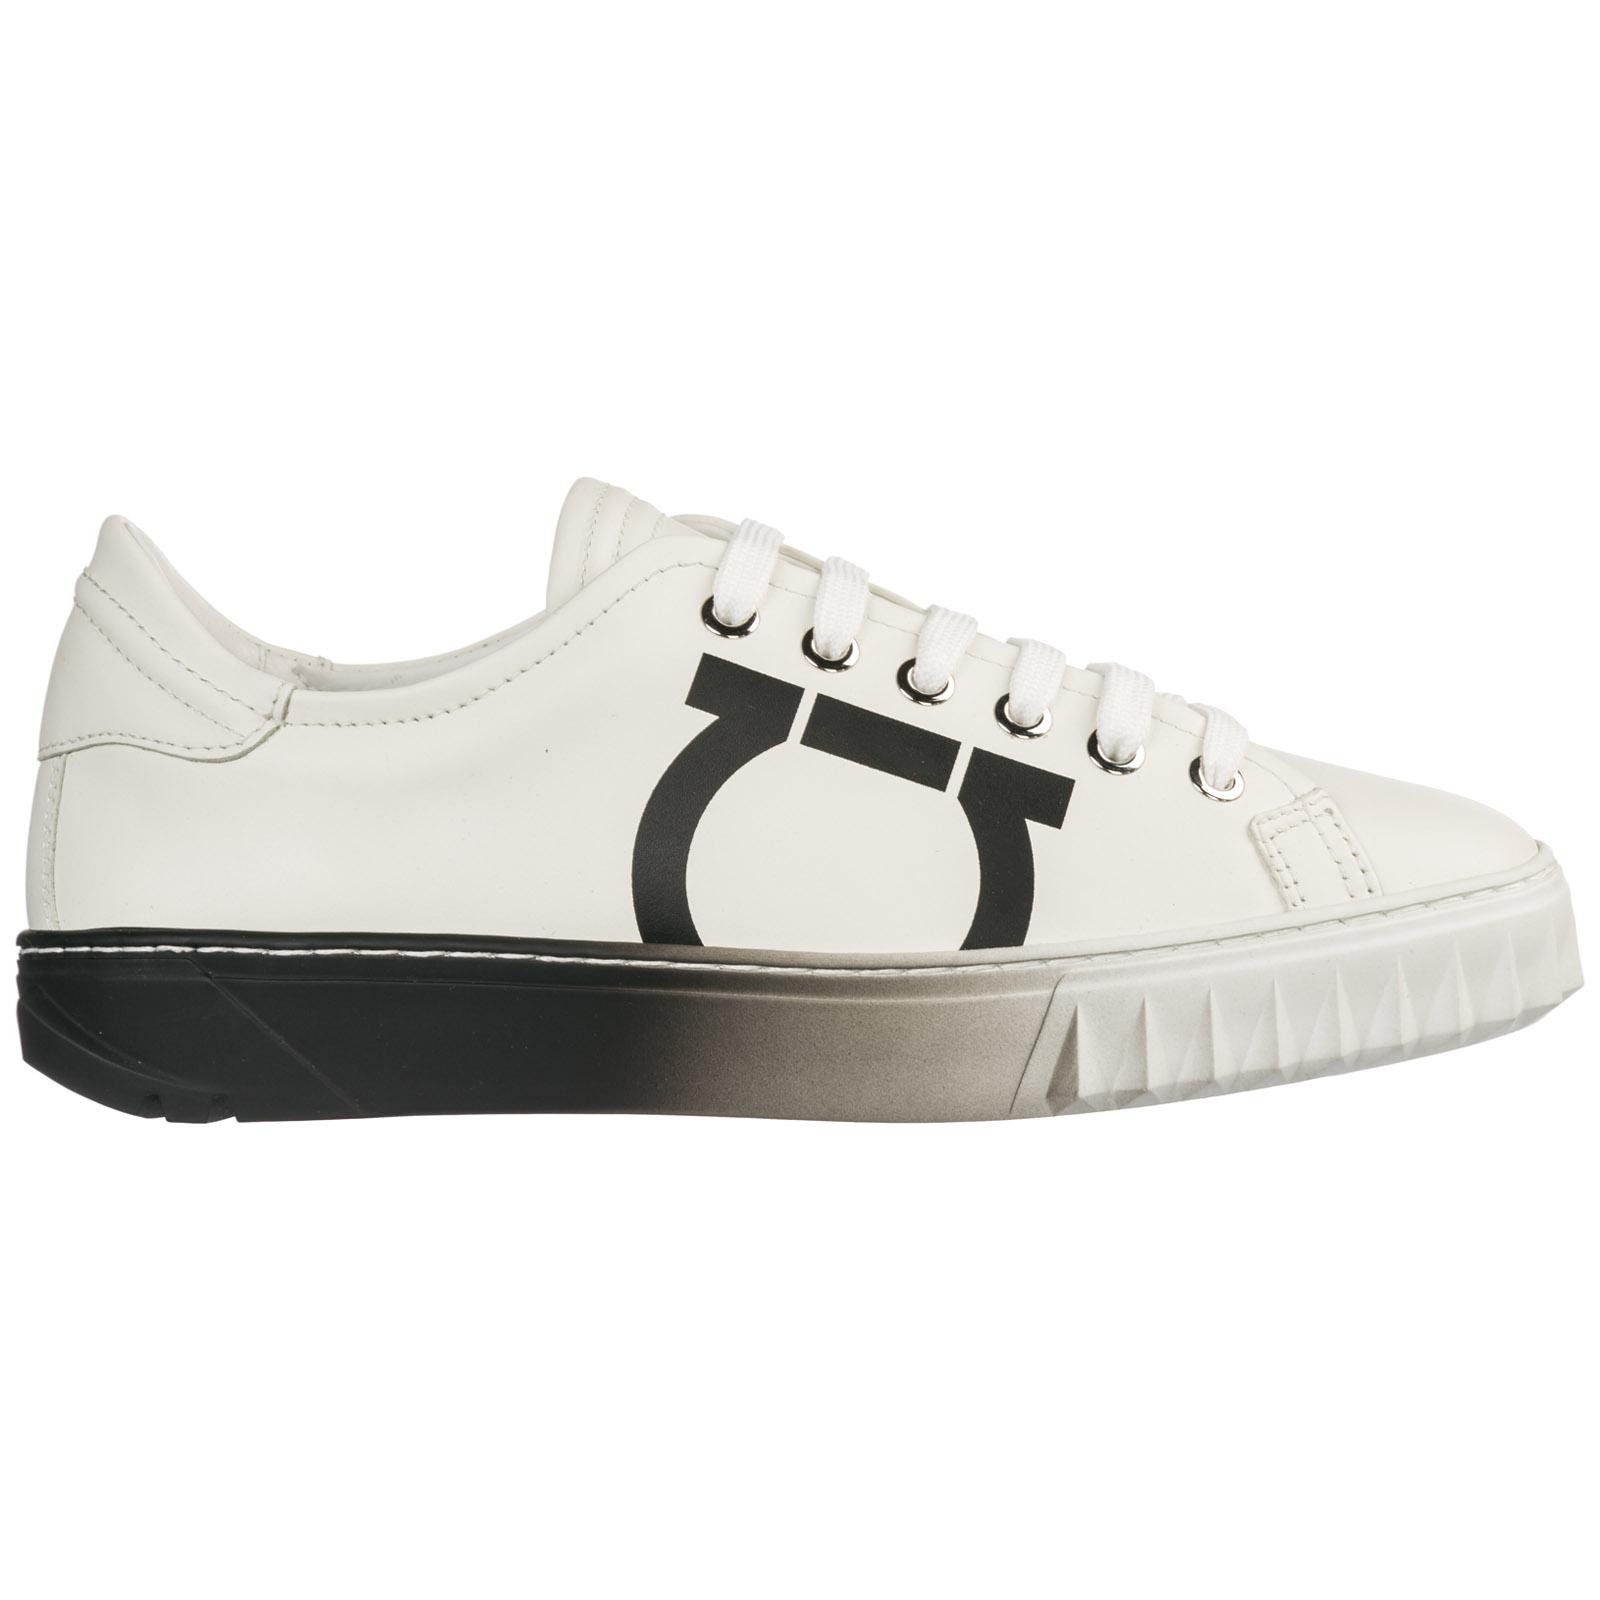 Zapatos Zapatillas Gancini De Deporte En Piel Mujer wOkXP8n0